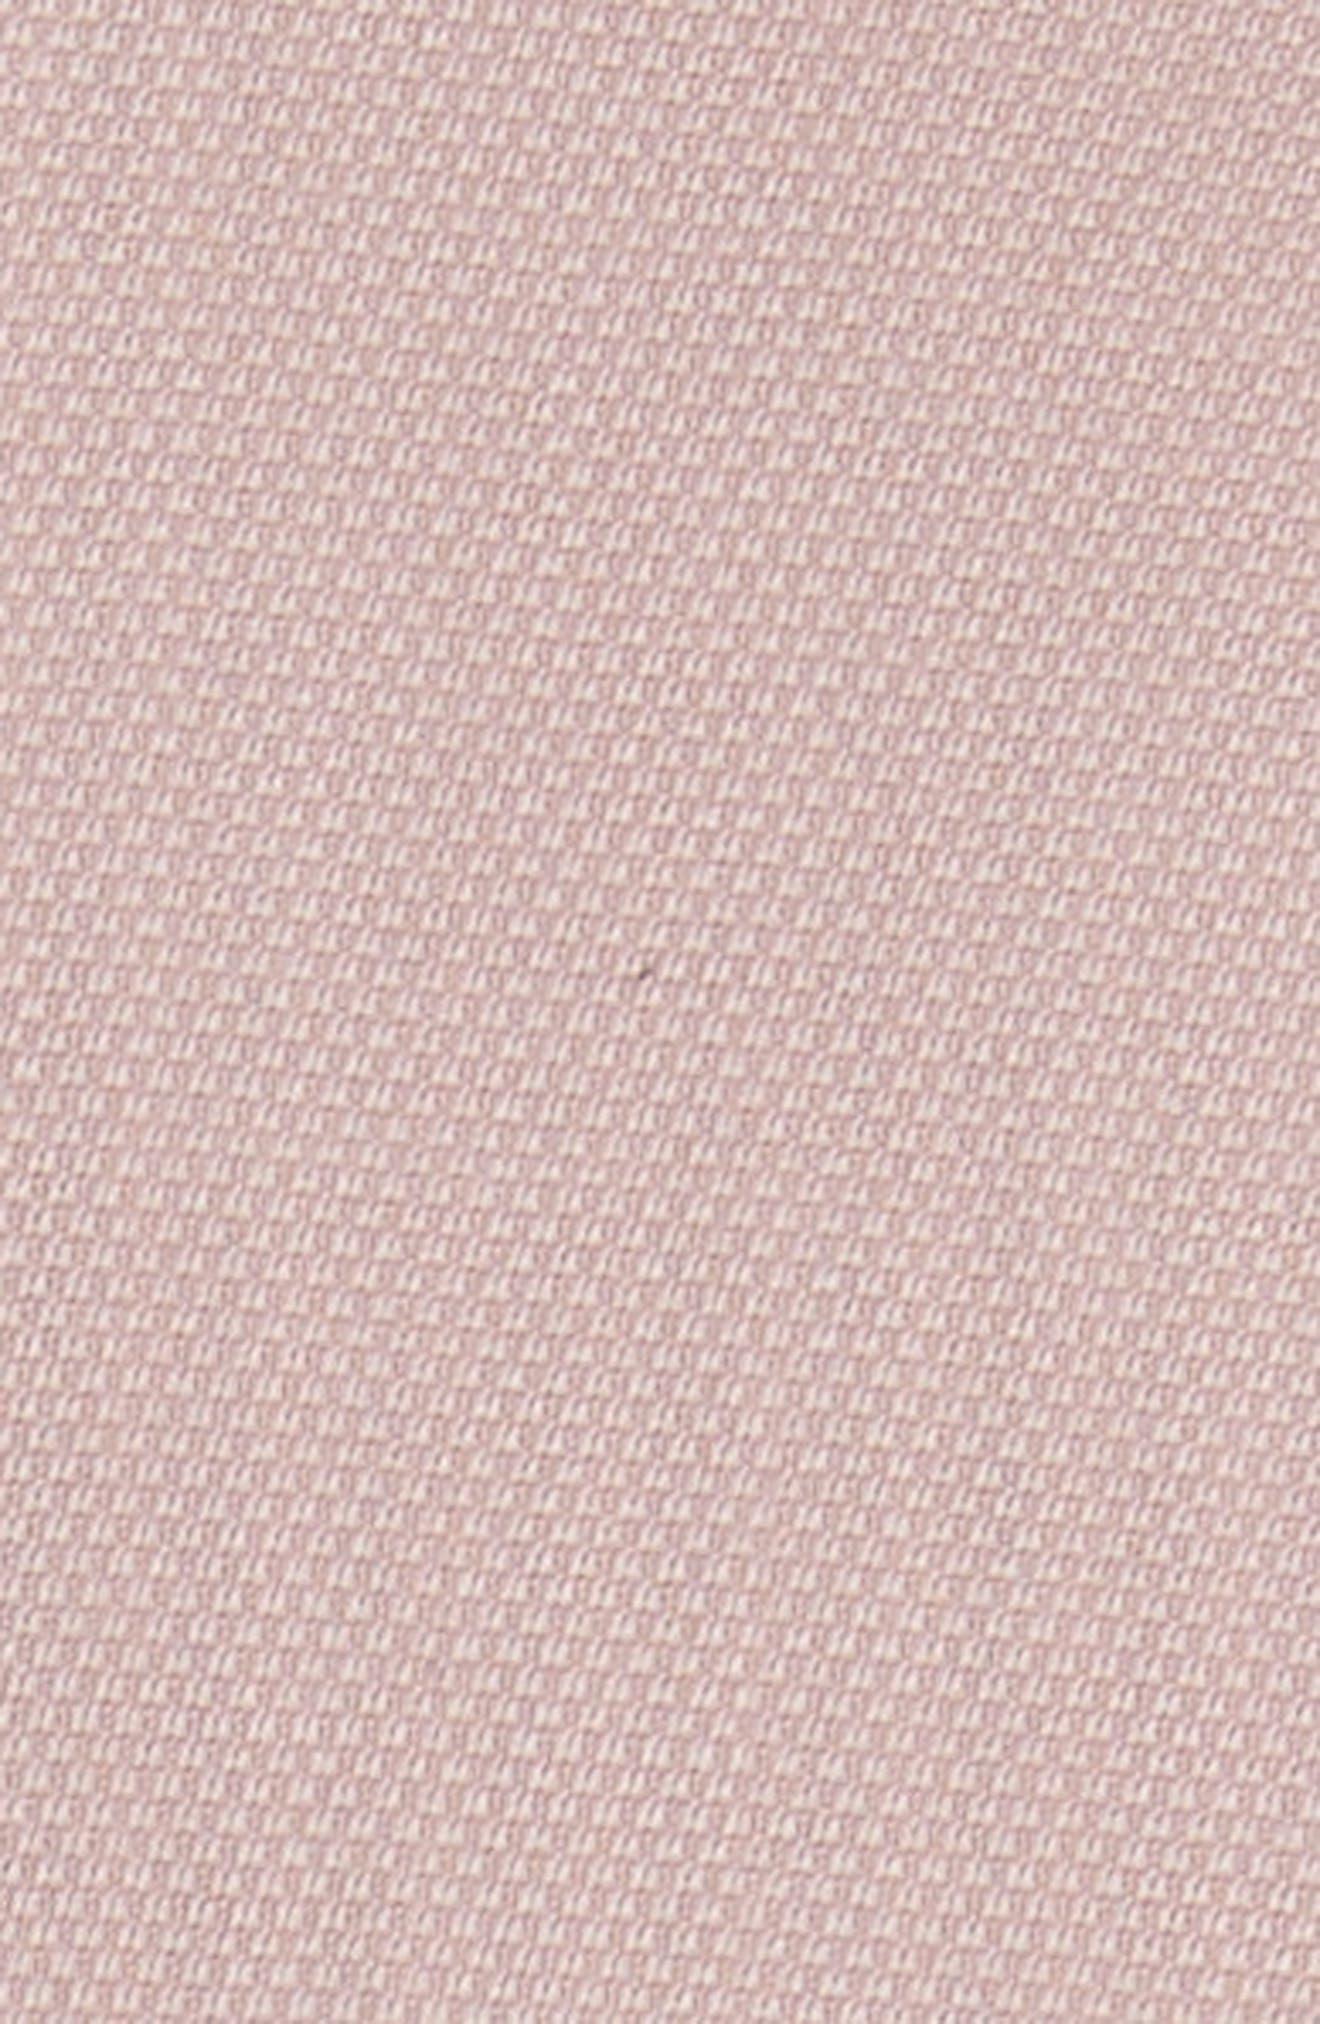 Panaro Wool Jacket,                             Alternate thumbnail 6, color,